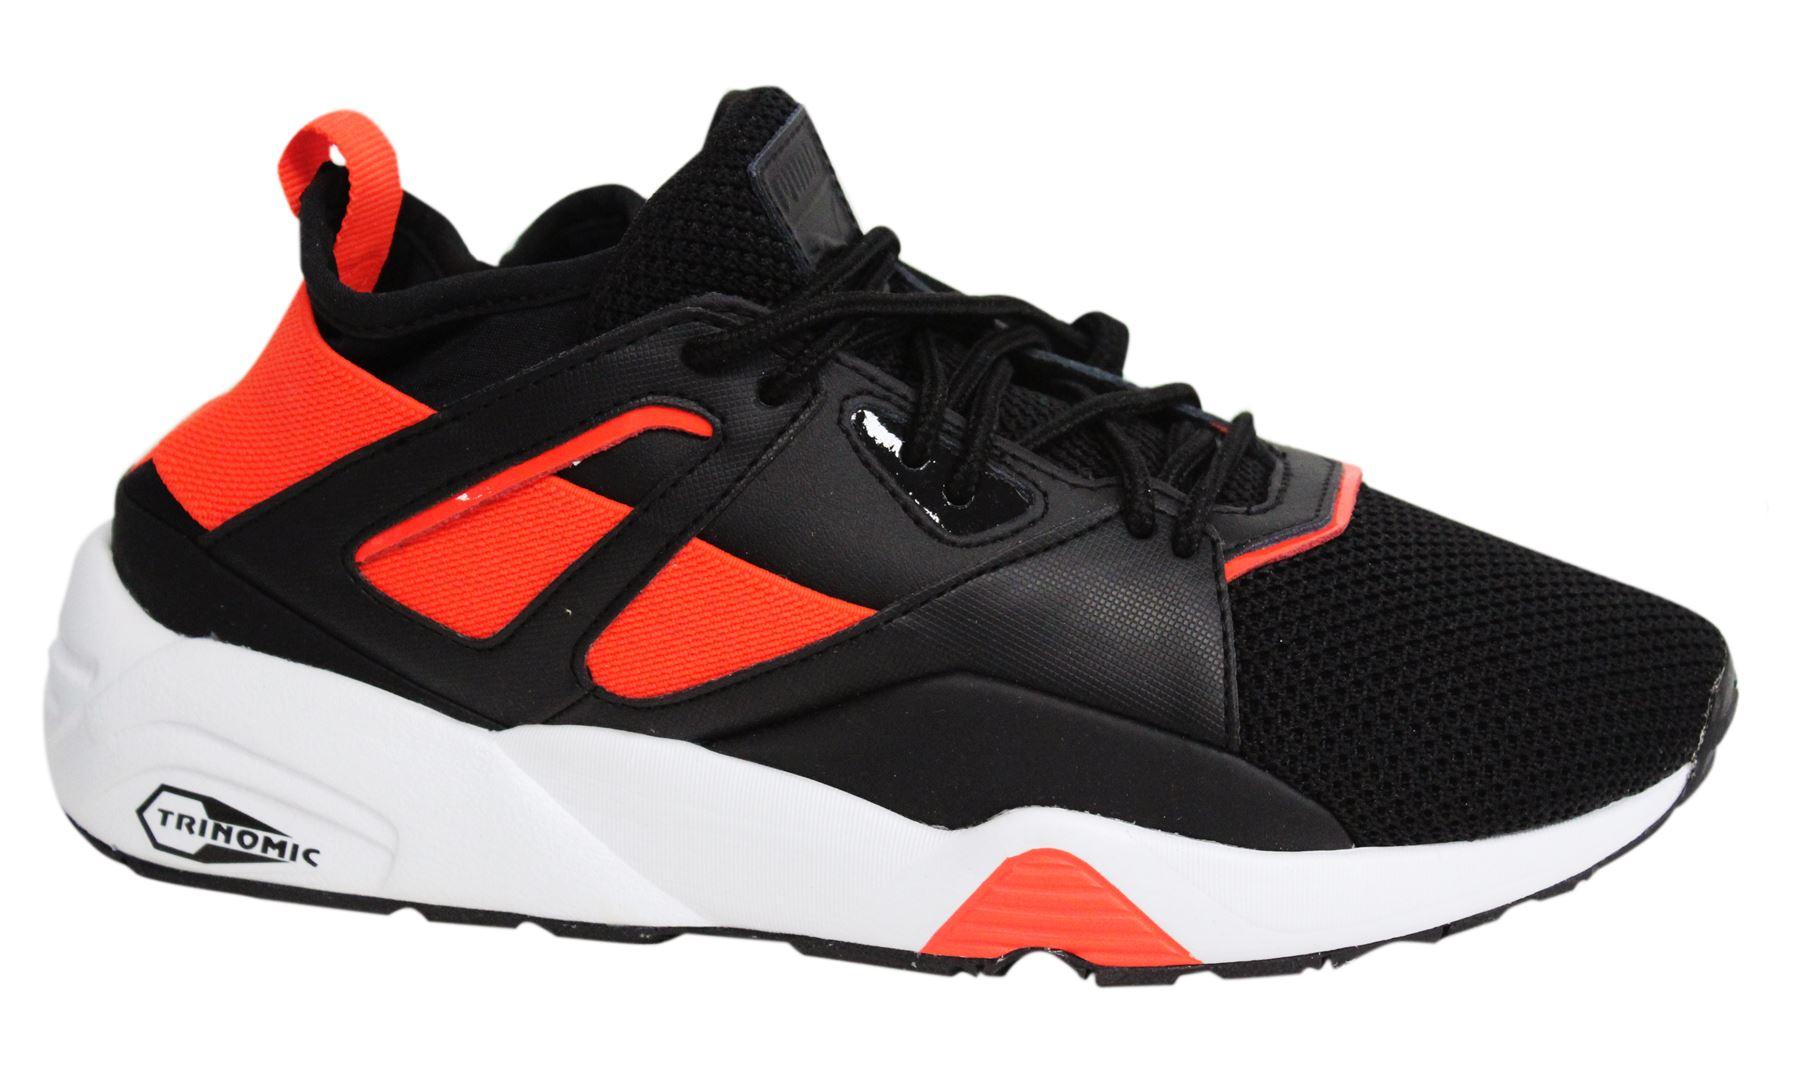 online store cb91b 2c35d Details about Puma Blaze of Glory Sock Tech Lace Up Black Orange Mens  Trainers 362037 02 M8